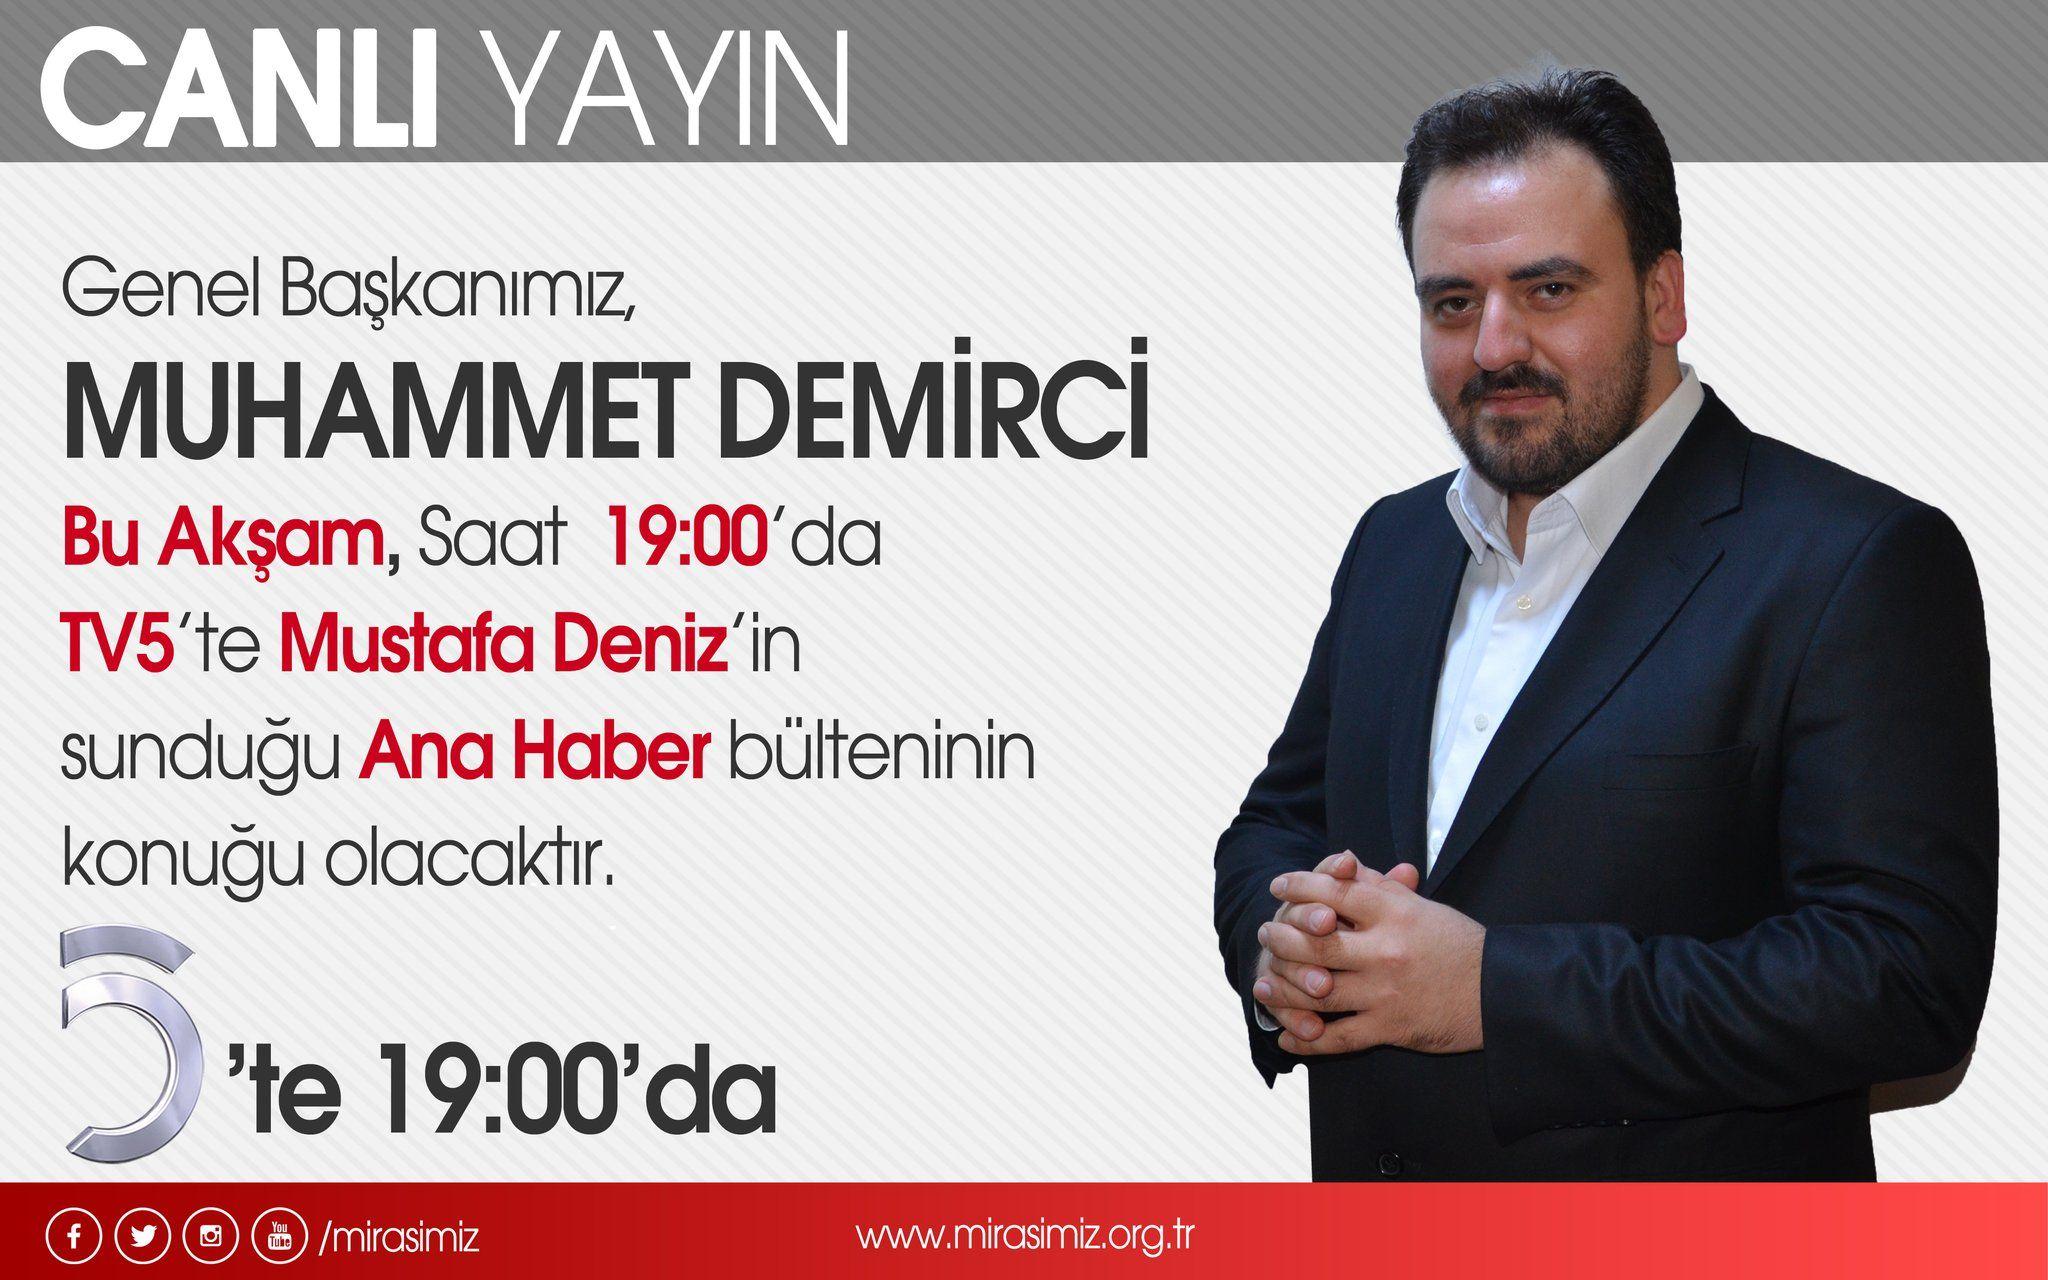 RT @mirasimiz: Genel Başkanımız MUHAMMET DEMİRCİ Bu Akşam Saat 19:00da TV5te Mustafa Denizin  sunduğu Ana Haber bülteninin  k https://t.co/eQEPrDLbKC